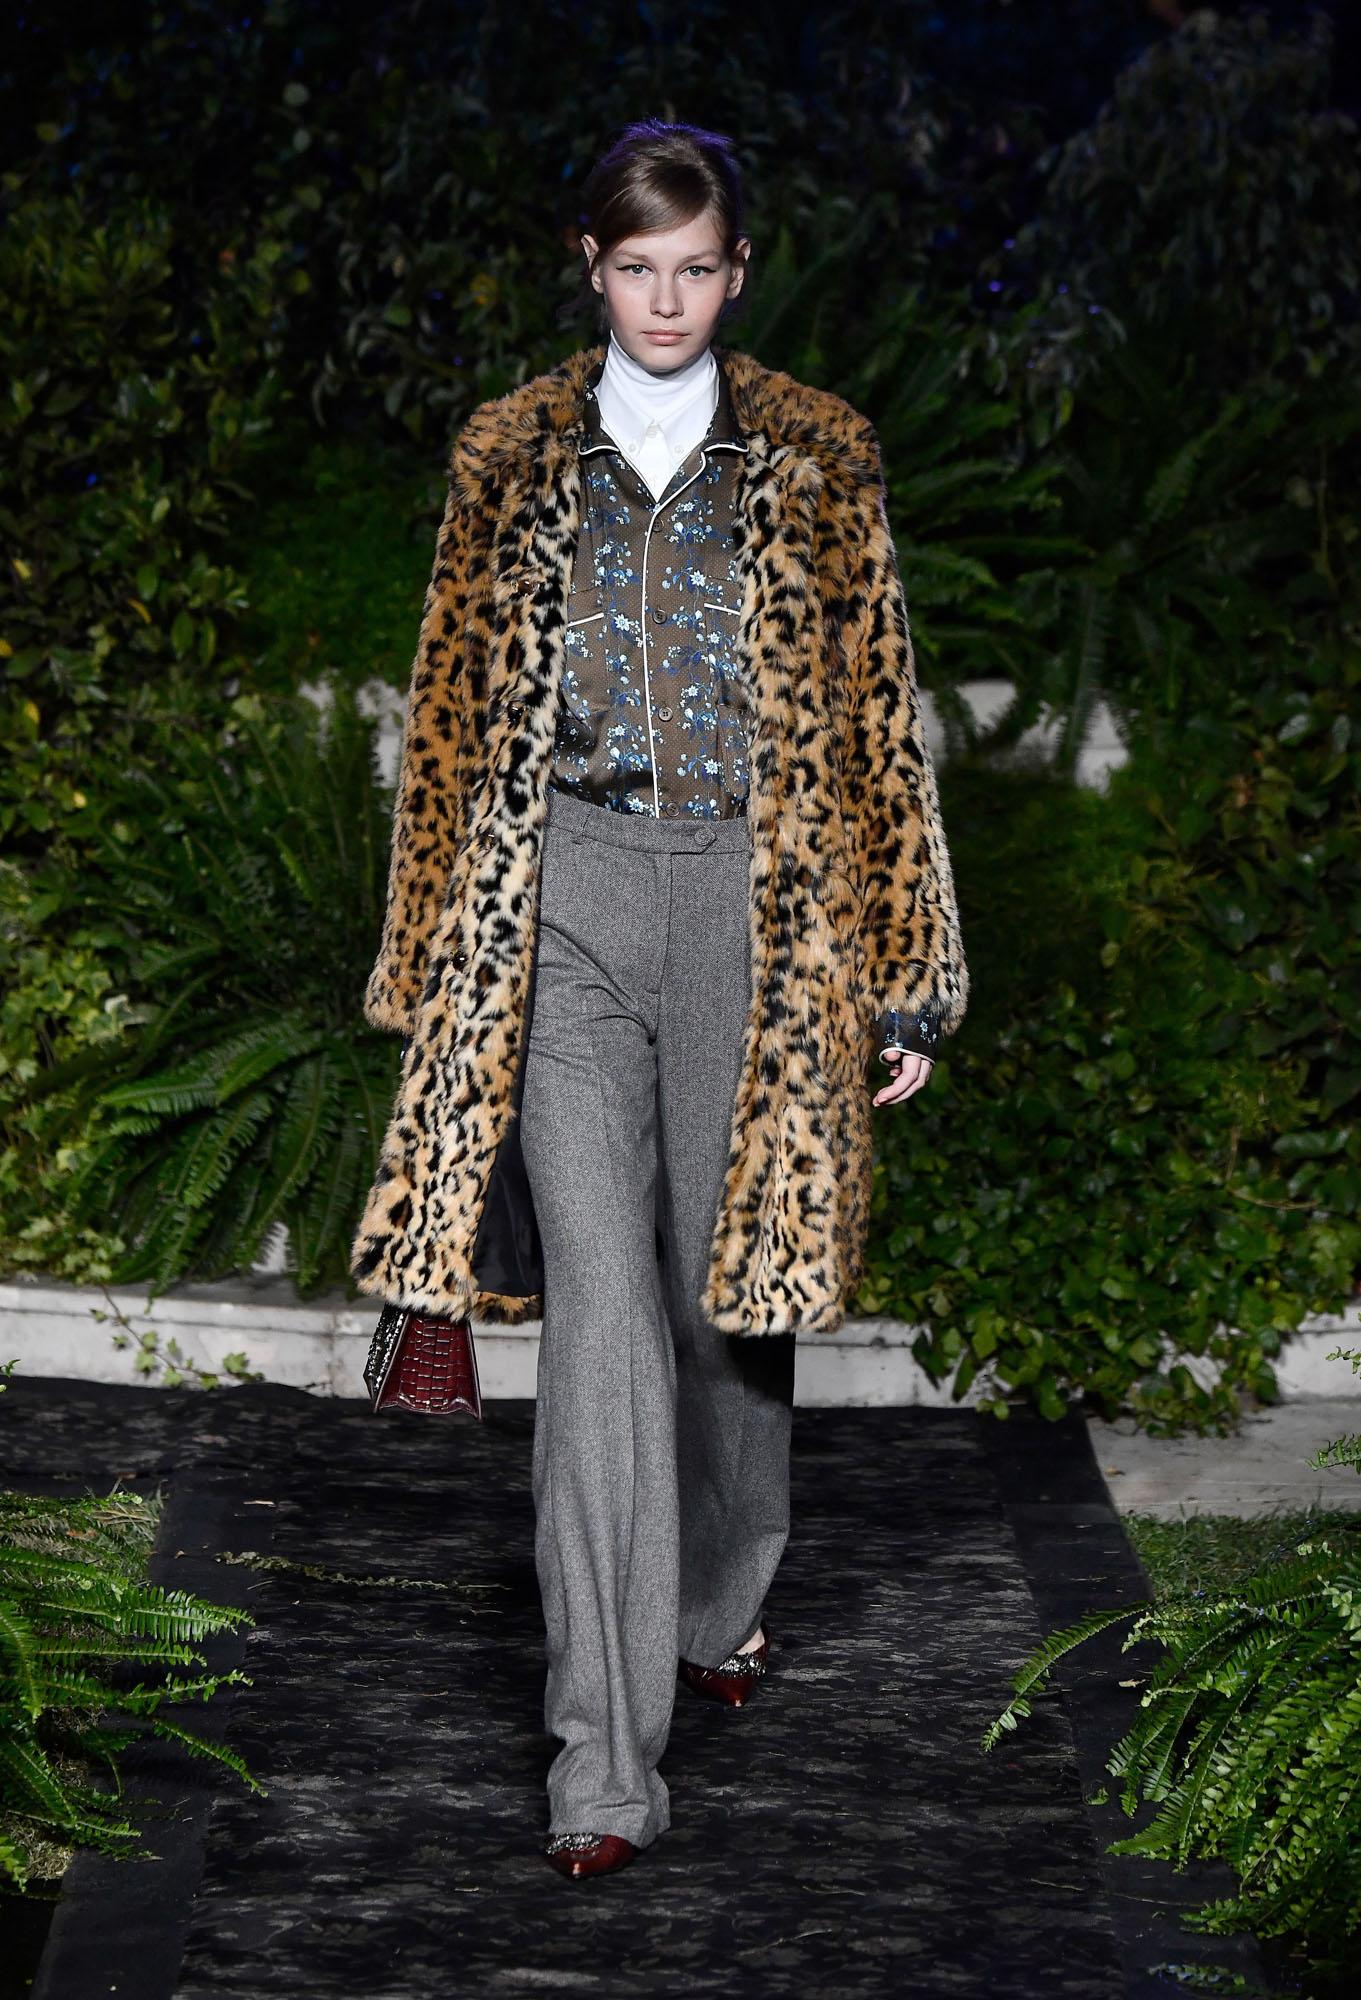 לסופיה מצ'טנר יש שיתוף פעולה הדוק עם רשת האופנה השבדית H&M, שבחרה בה גם לצעוד בתצוגה שחשפה את הקולקציה עם מעצב האופנה ארדם  (צילום: Frazer Harrison/GettyimagesIL)